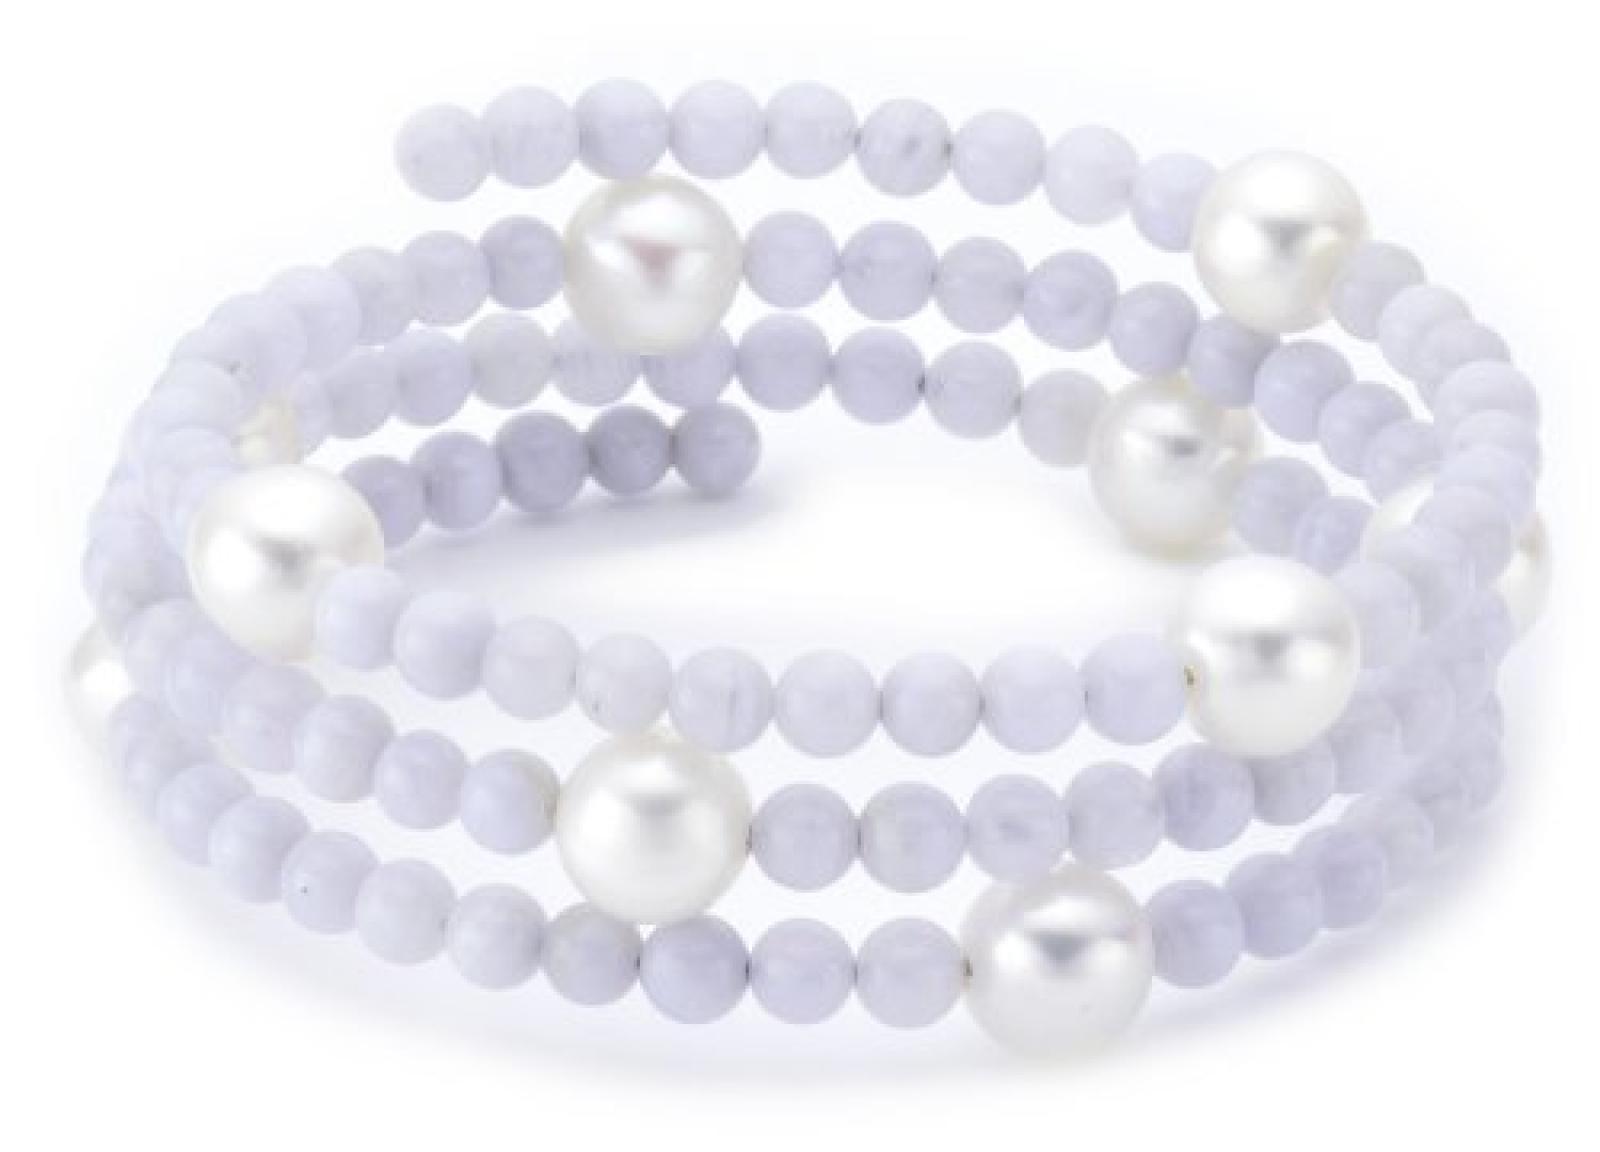 Valero Pearls Fashion Collection Damen-Armband elastisch Hochwertige Süßwasser-Zuchtperlen in ca.  8 mm Rund weiß    Achat 50 cm   60200805